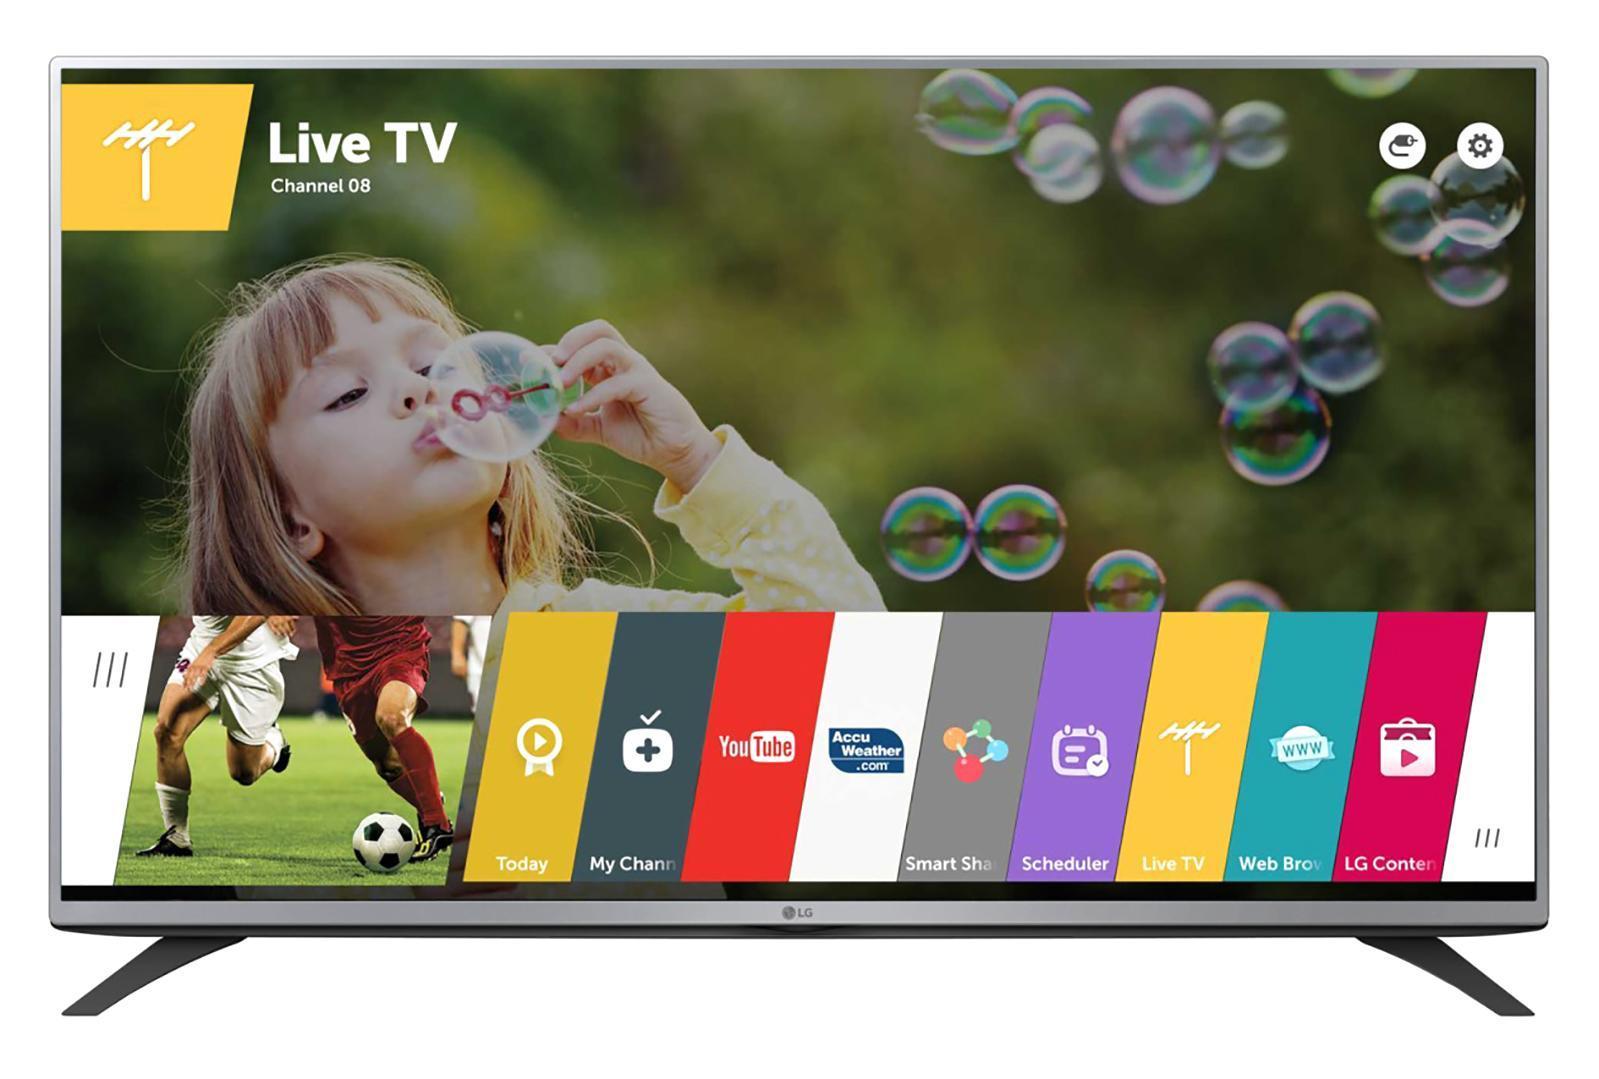 LG 42LF560V телевизор42LF560VFull HD телевизор, оснащен цифровым DVB-T2 тюнером.Тюнер DVB-T2 позволяет бесплатно и без дополнительного дорогостоящего оборудования смотреть самые популярные телеканалы в цифровом качестве без помех. Уже сейчас в рамках федеральной программы развертывания цифрового вещания доступно от 10 до 30 телеканалов на 99% территории России. Смотрите ваше любимое видео напрямую с USB-накопителя. Телевизор поддерживает воспроизведение большого набора самых распространенных видео-форматов.